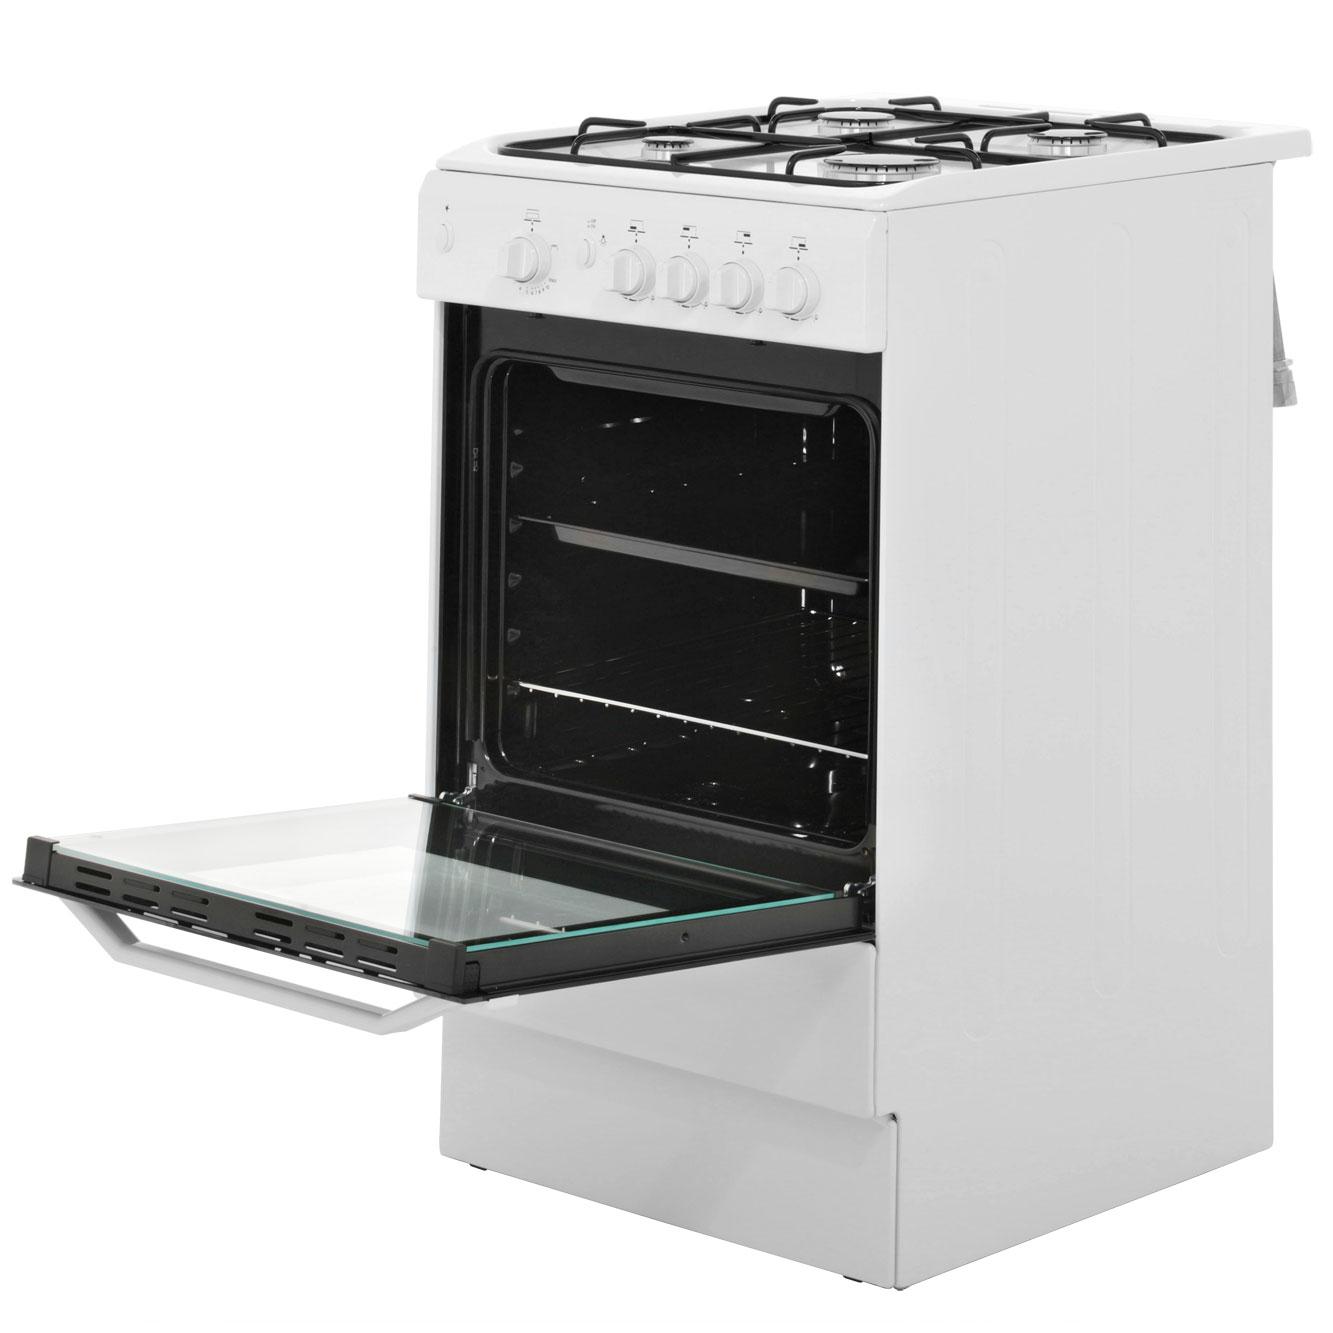 Boots Kitchen Appliances Reviews